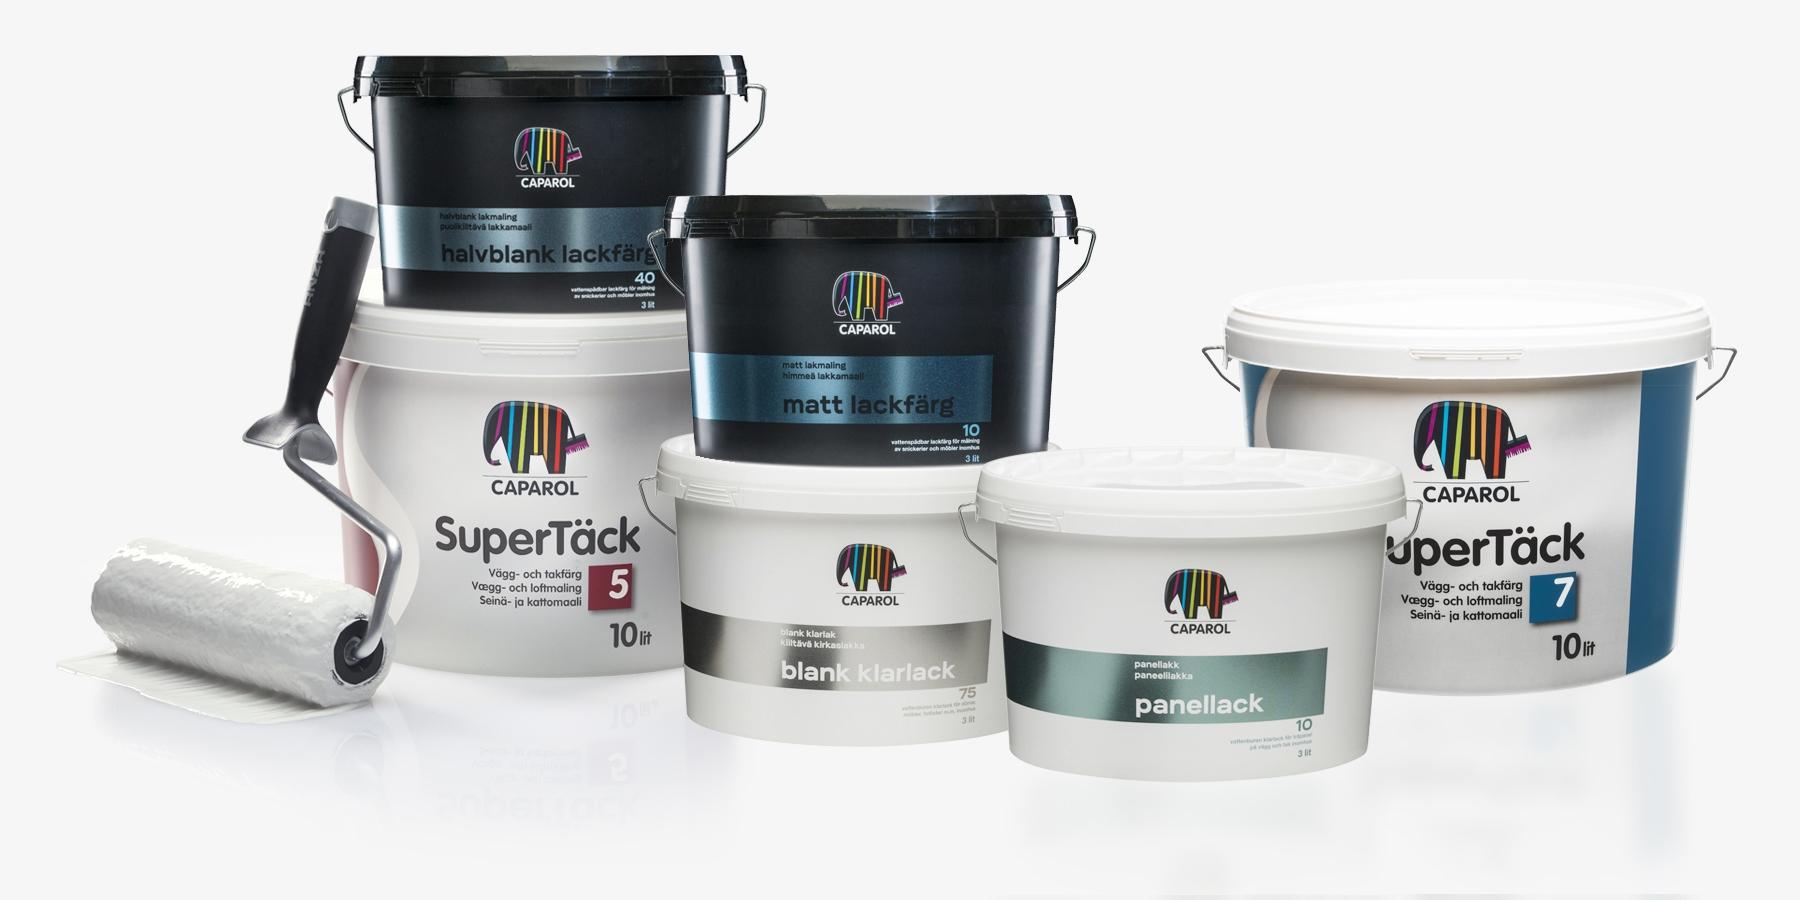 Inomhusfärger - Färger för målning inomhus  339bc3f3f4b77